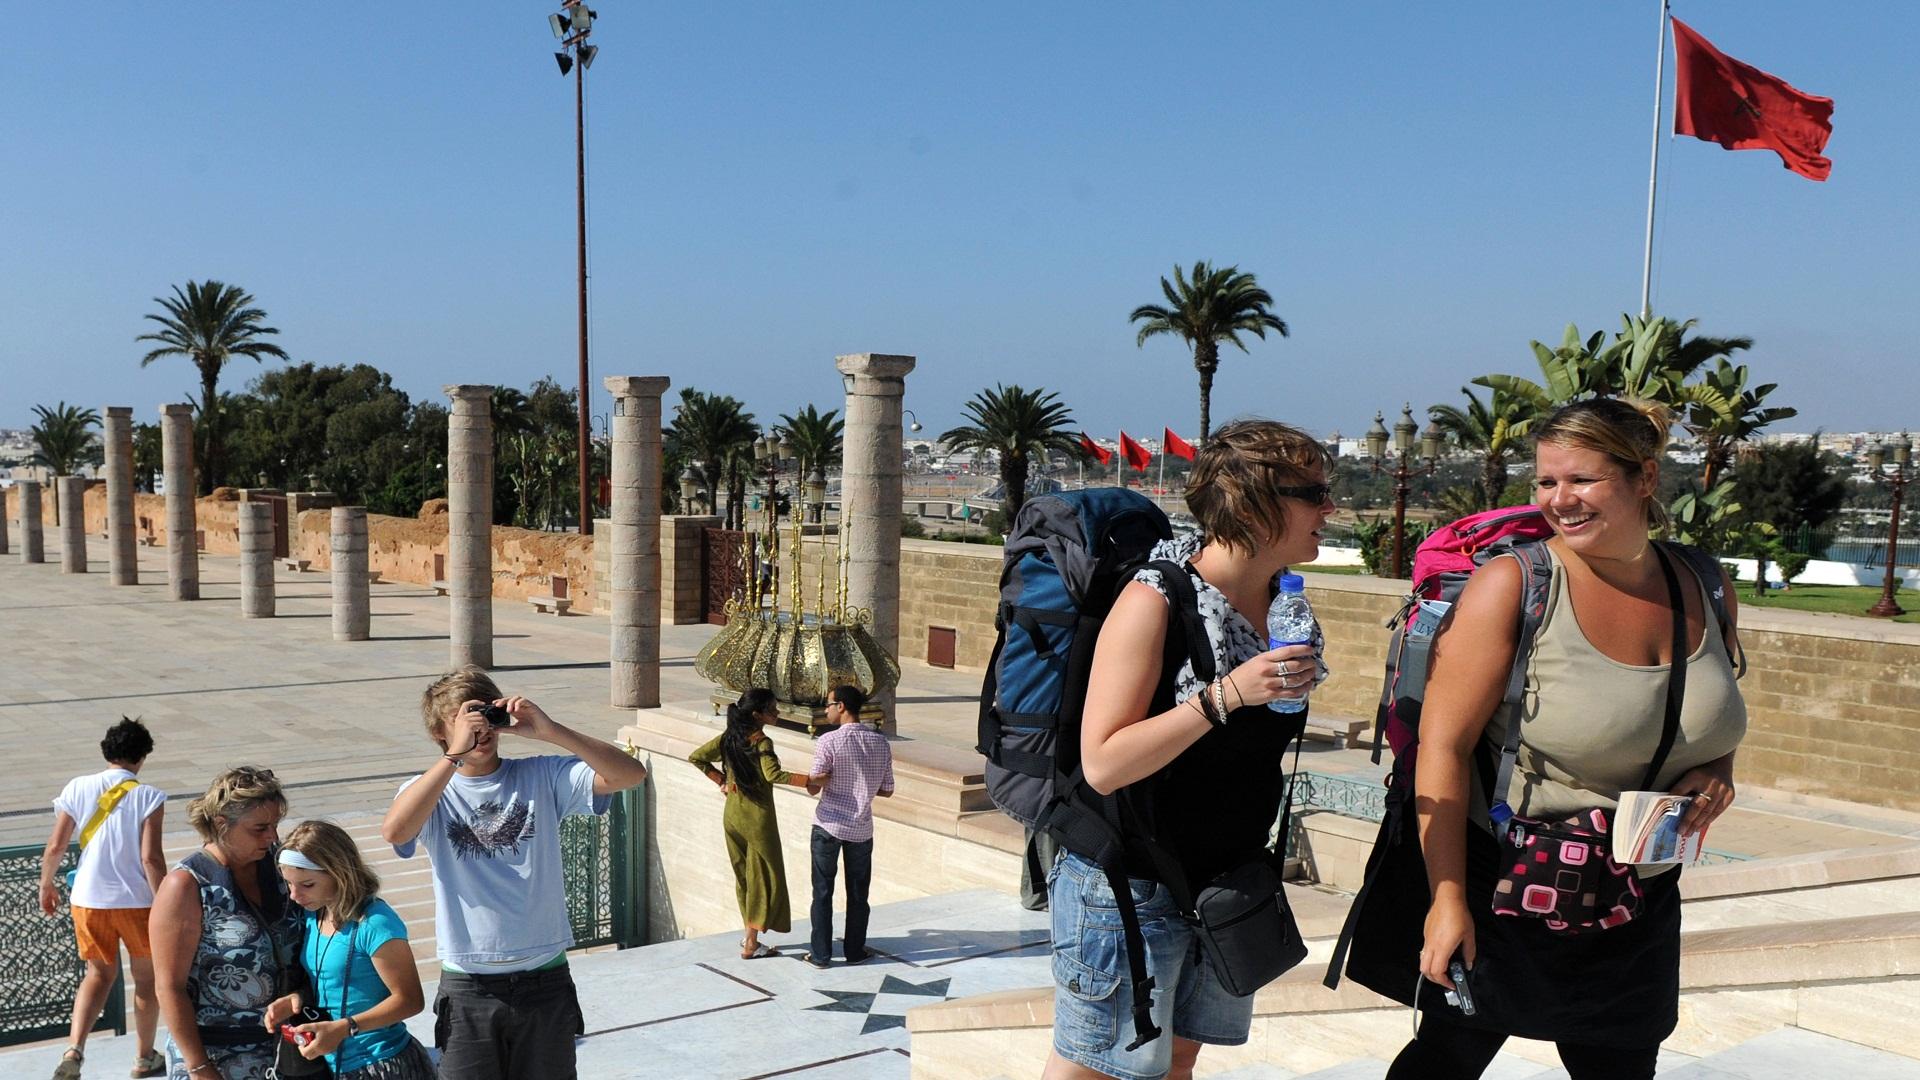 Le tourisme au Maroc affiche des chiffres positifs au premier semestre 2017